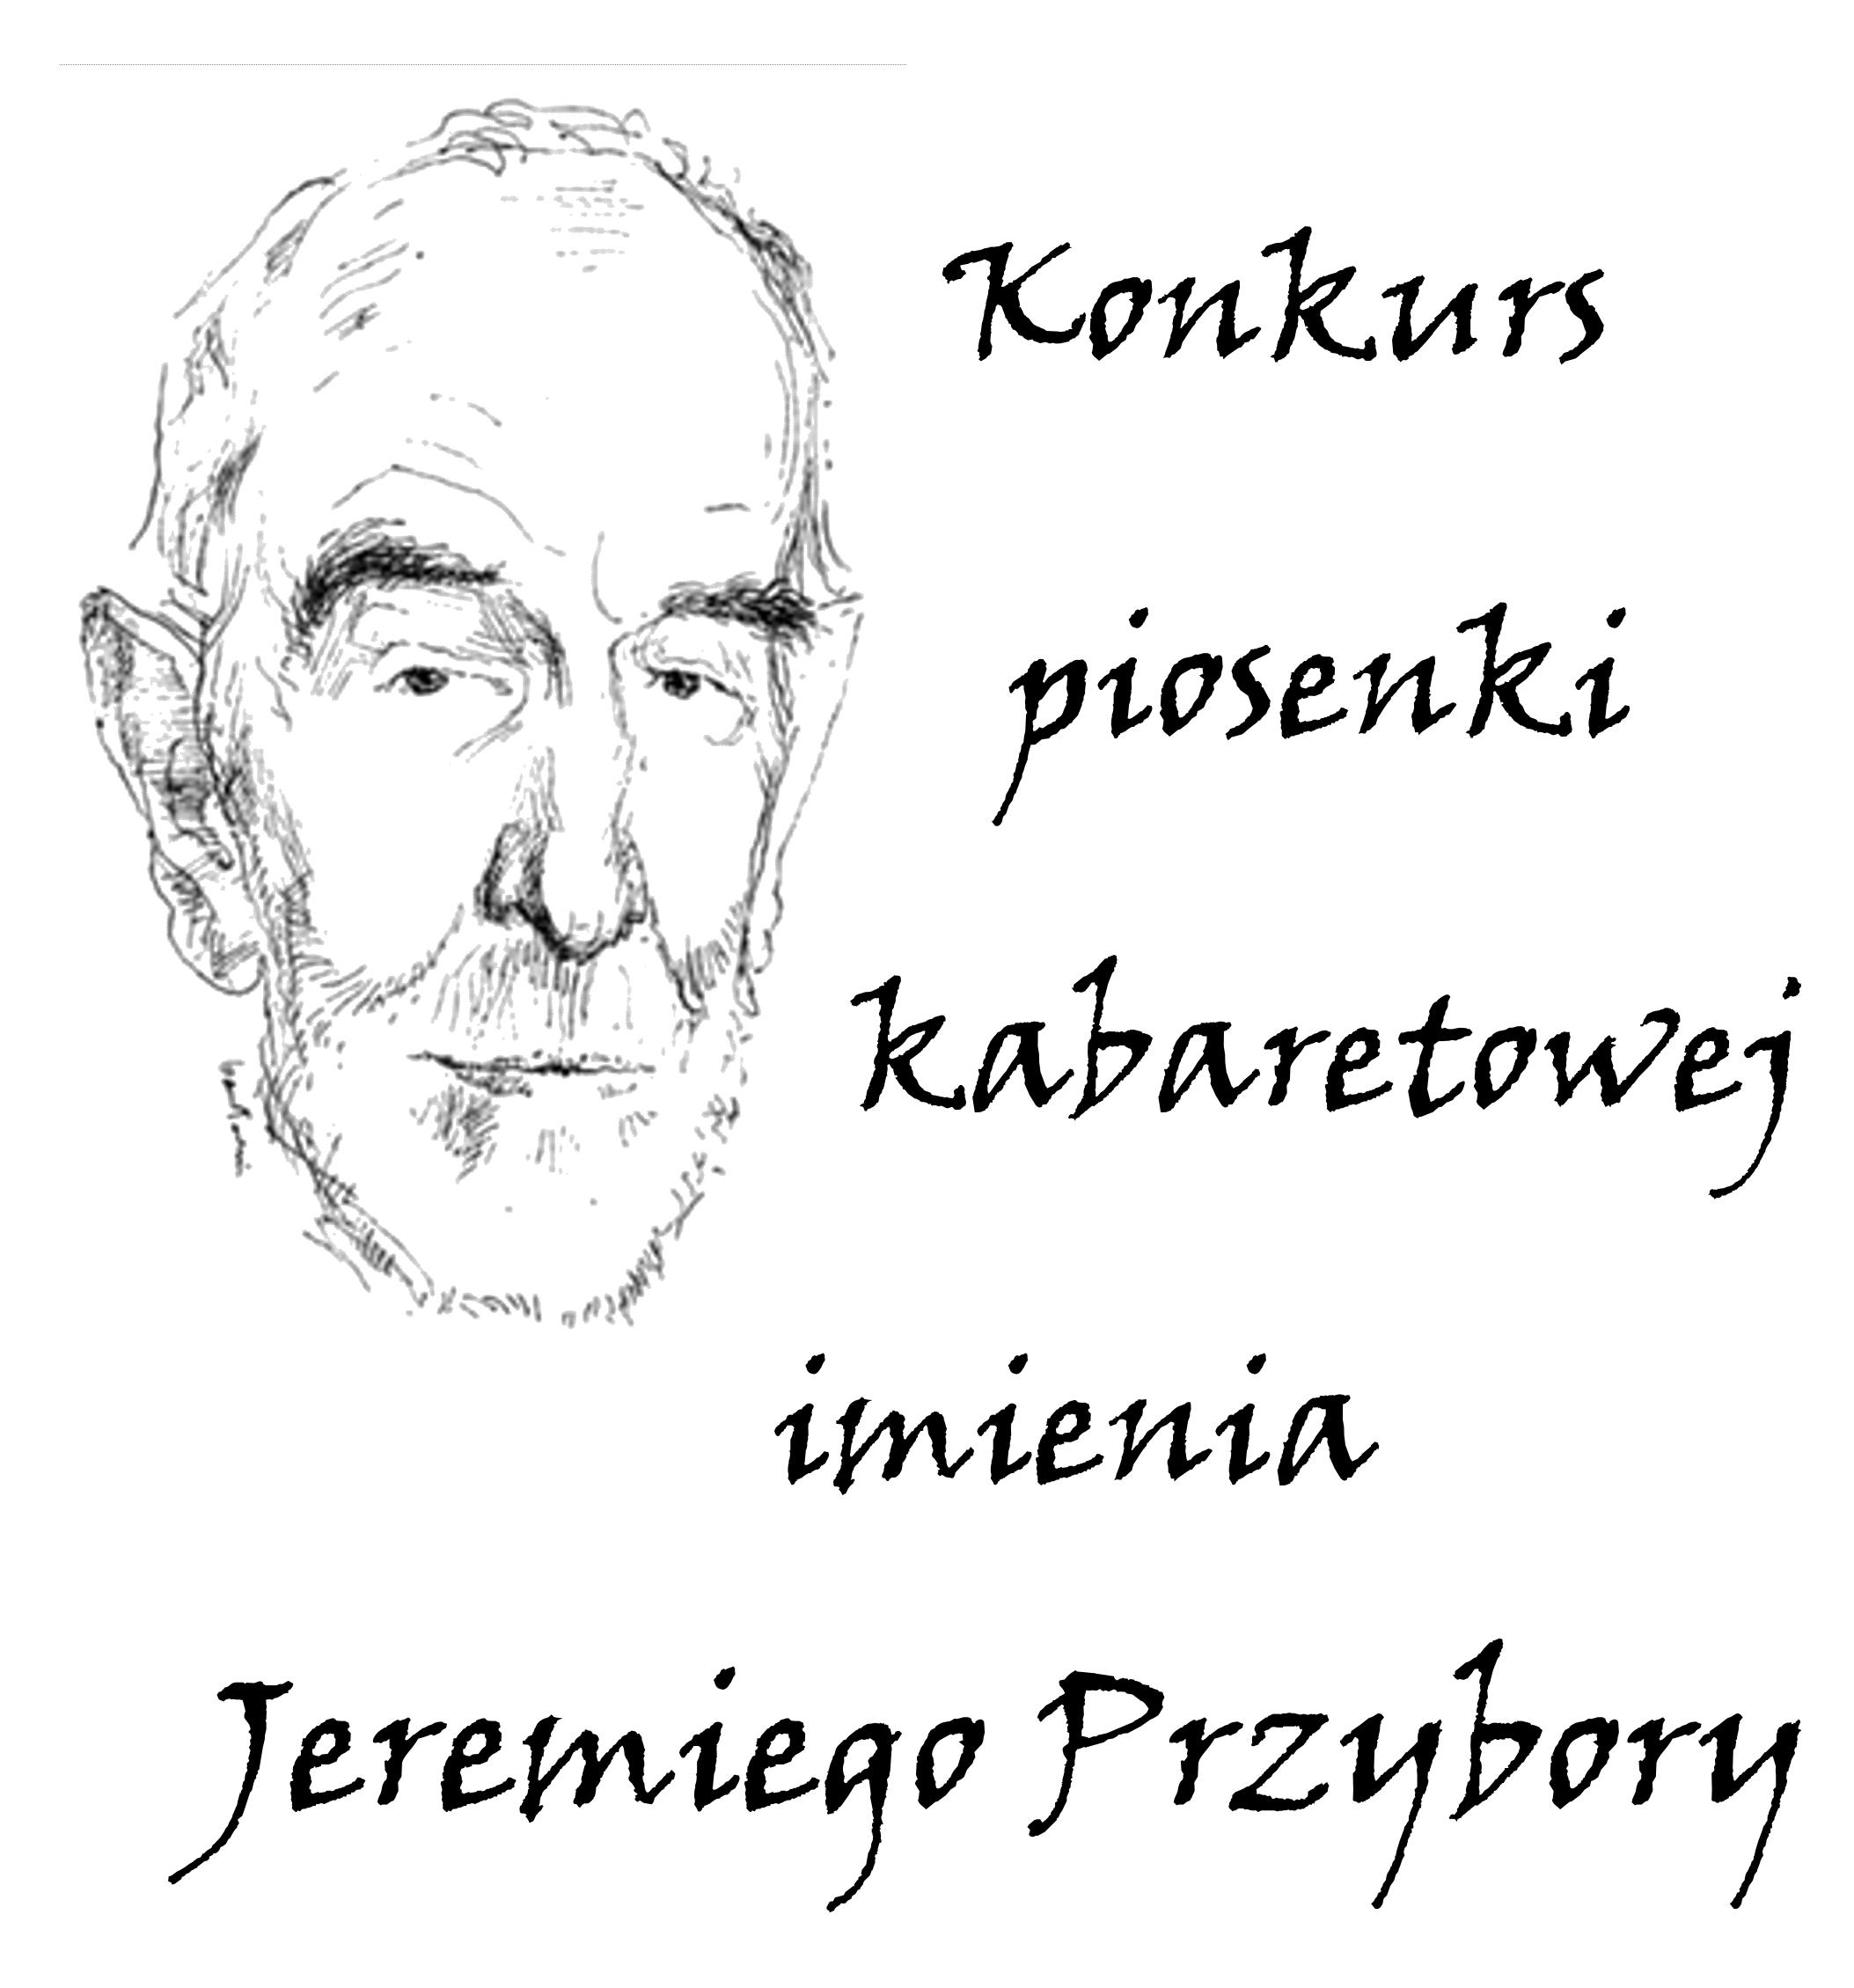 1 obraz w galerii artykułu KONKURS PIOSENKI KABARETOWEJ IM. JEREMIEGO PRZYBORY